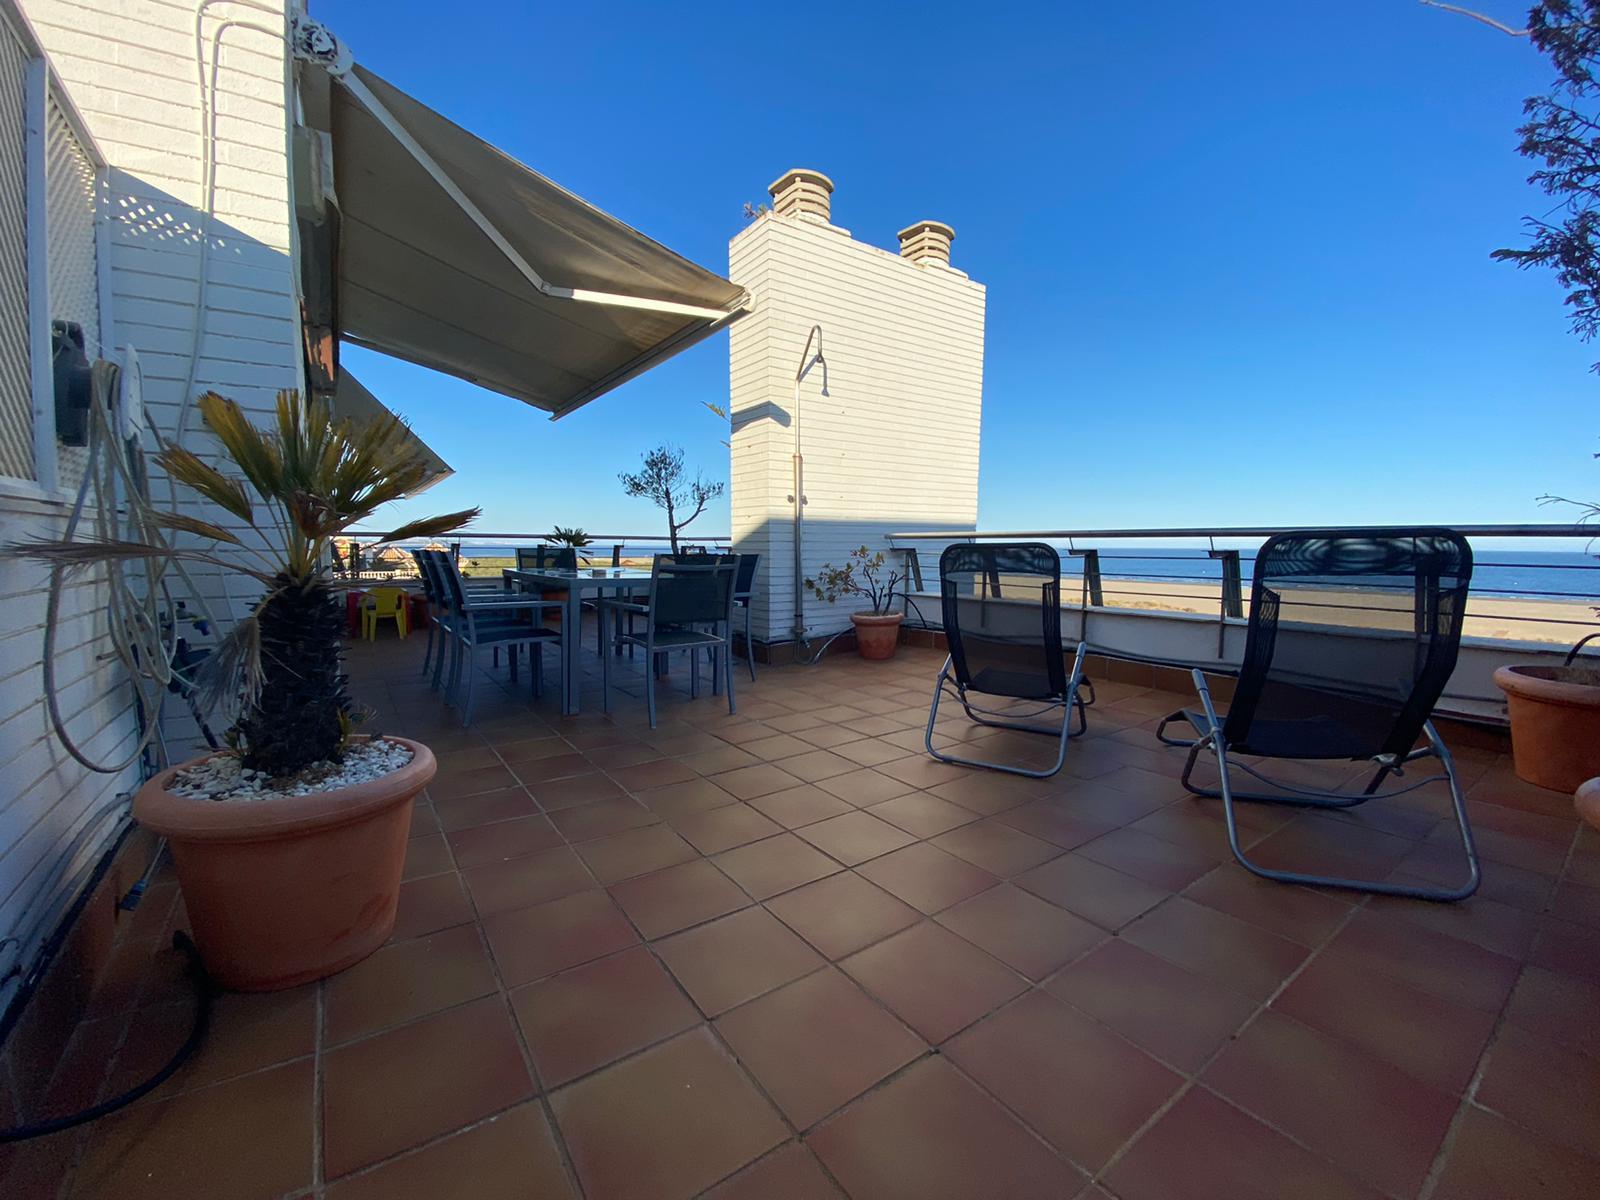 Imagen 49 del Apartamento Turístico, Ático 4 Levante, Frontal (4d+2b), Punta del Moral (HUELVA), Paseo de la Cruz nº22